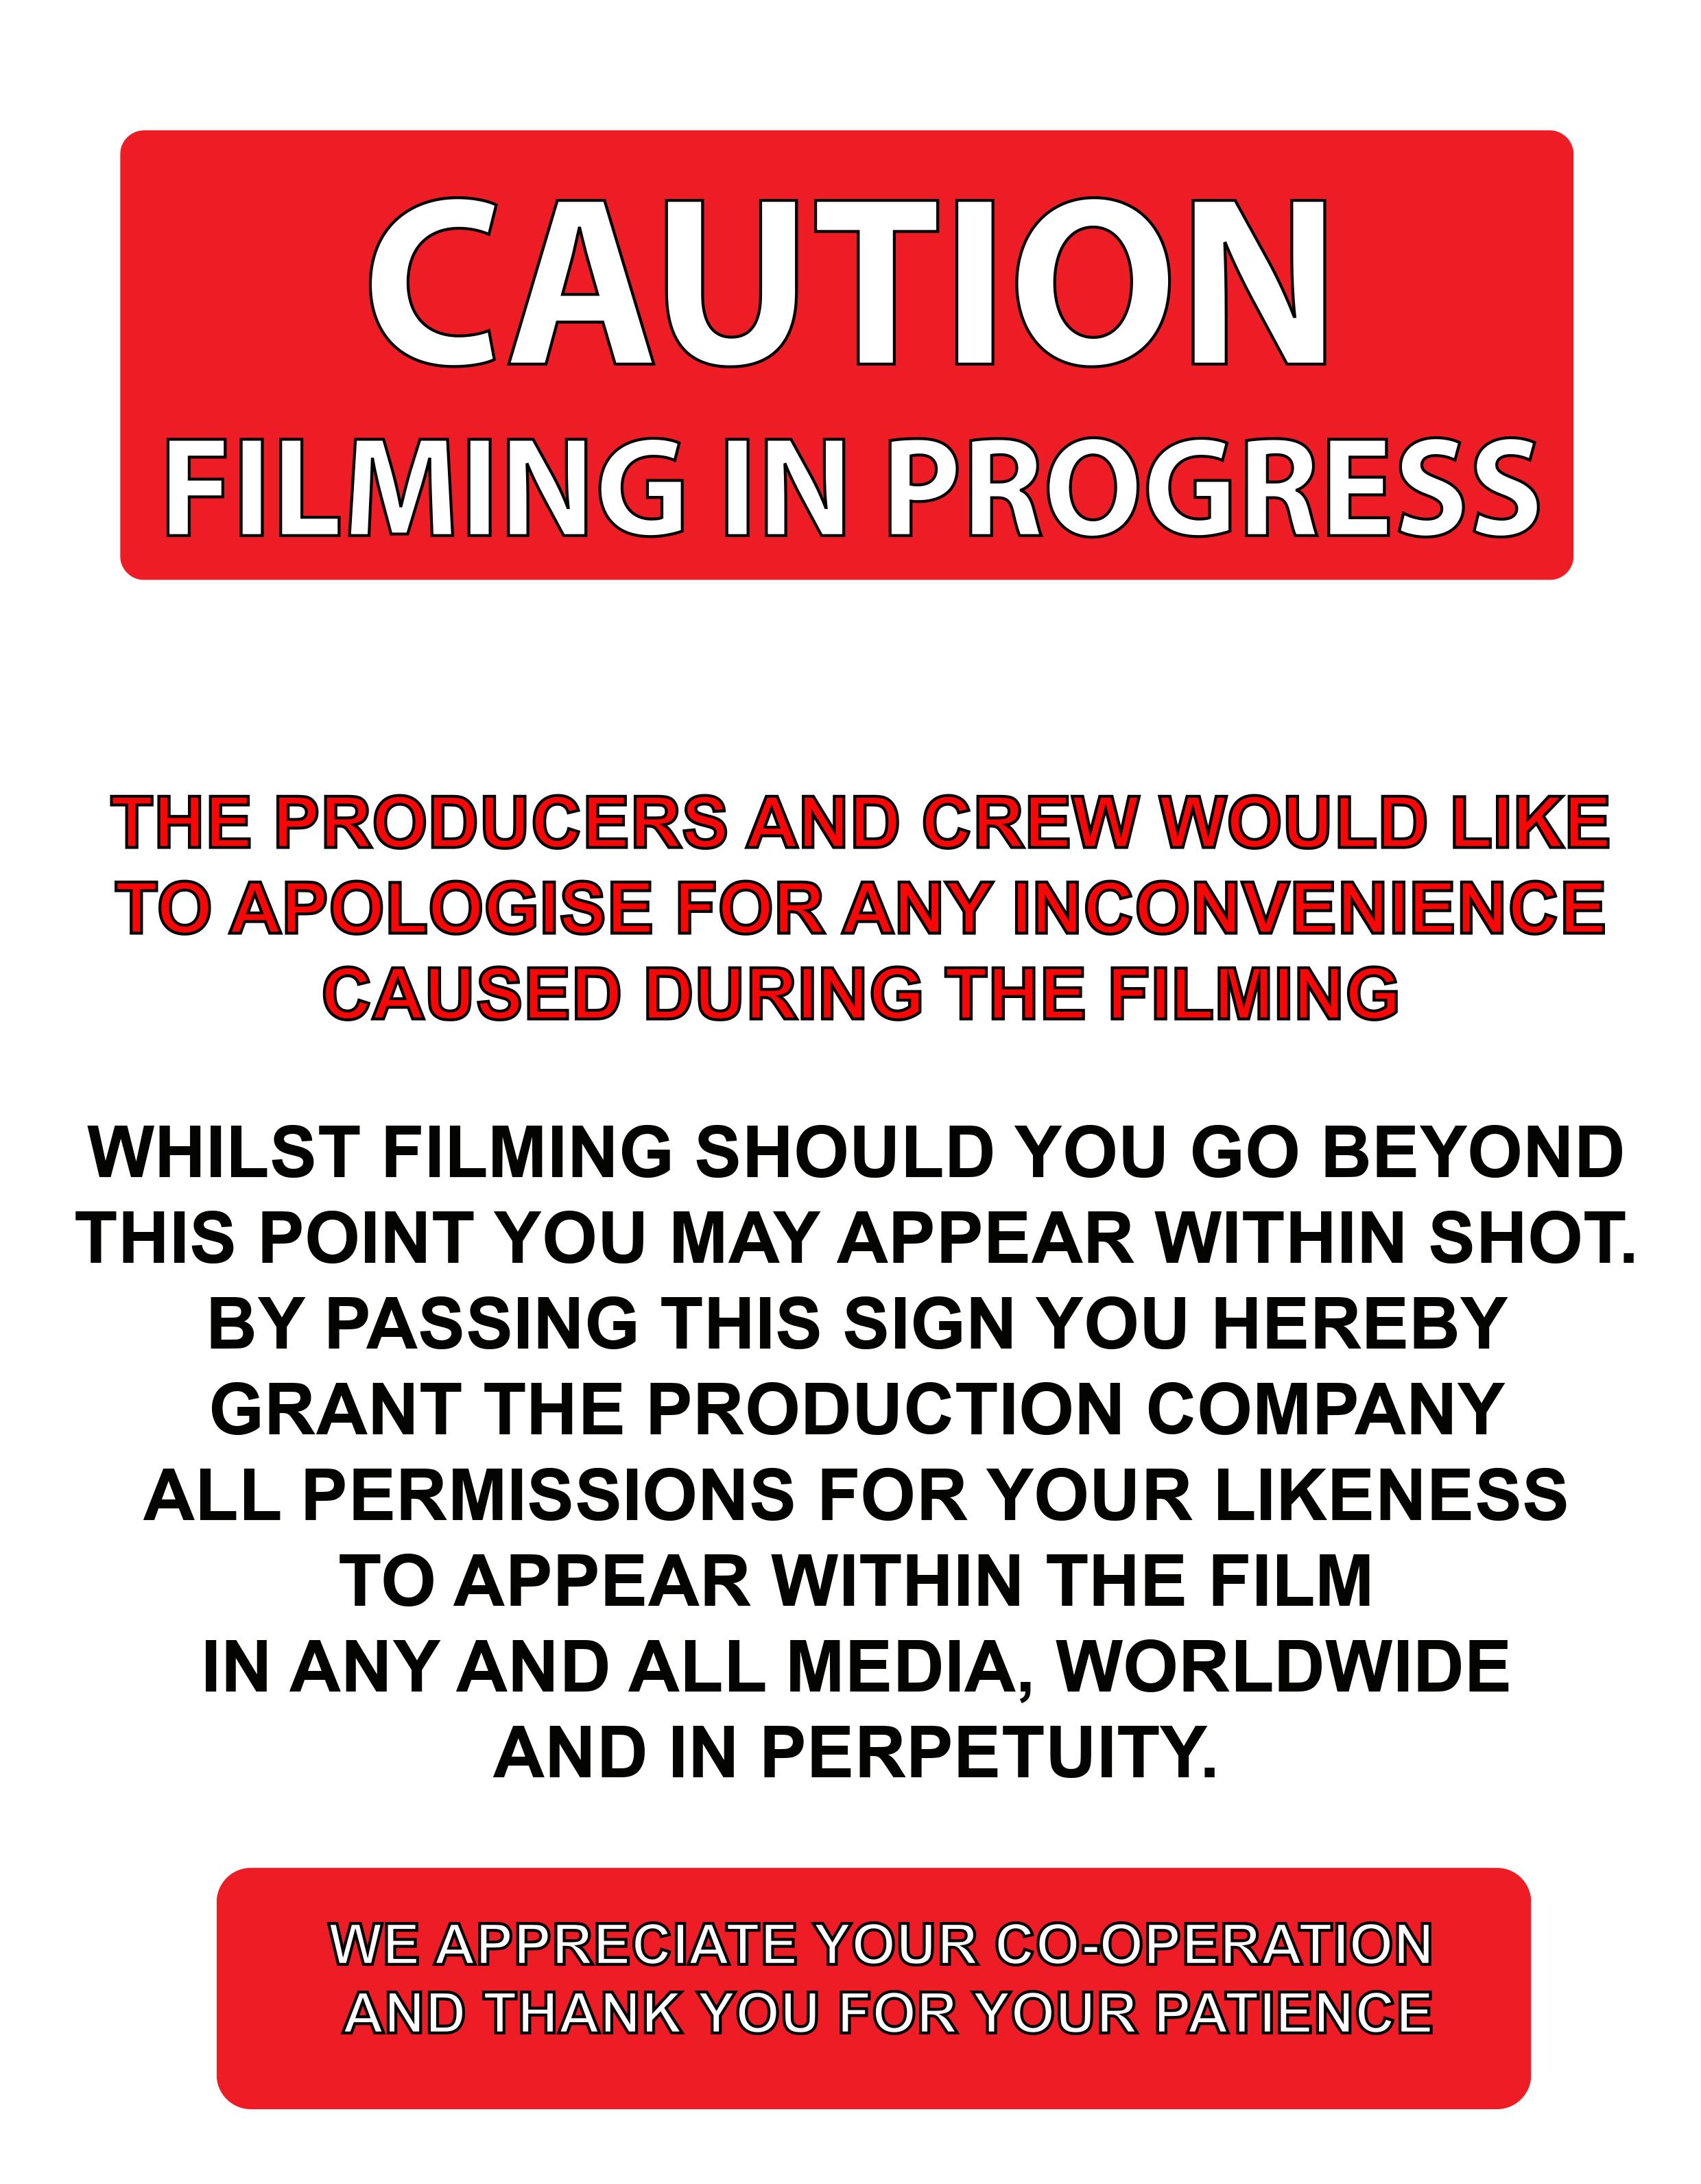 A1 LEGAL FILM  copy